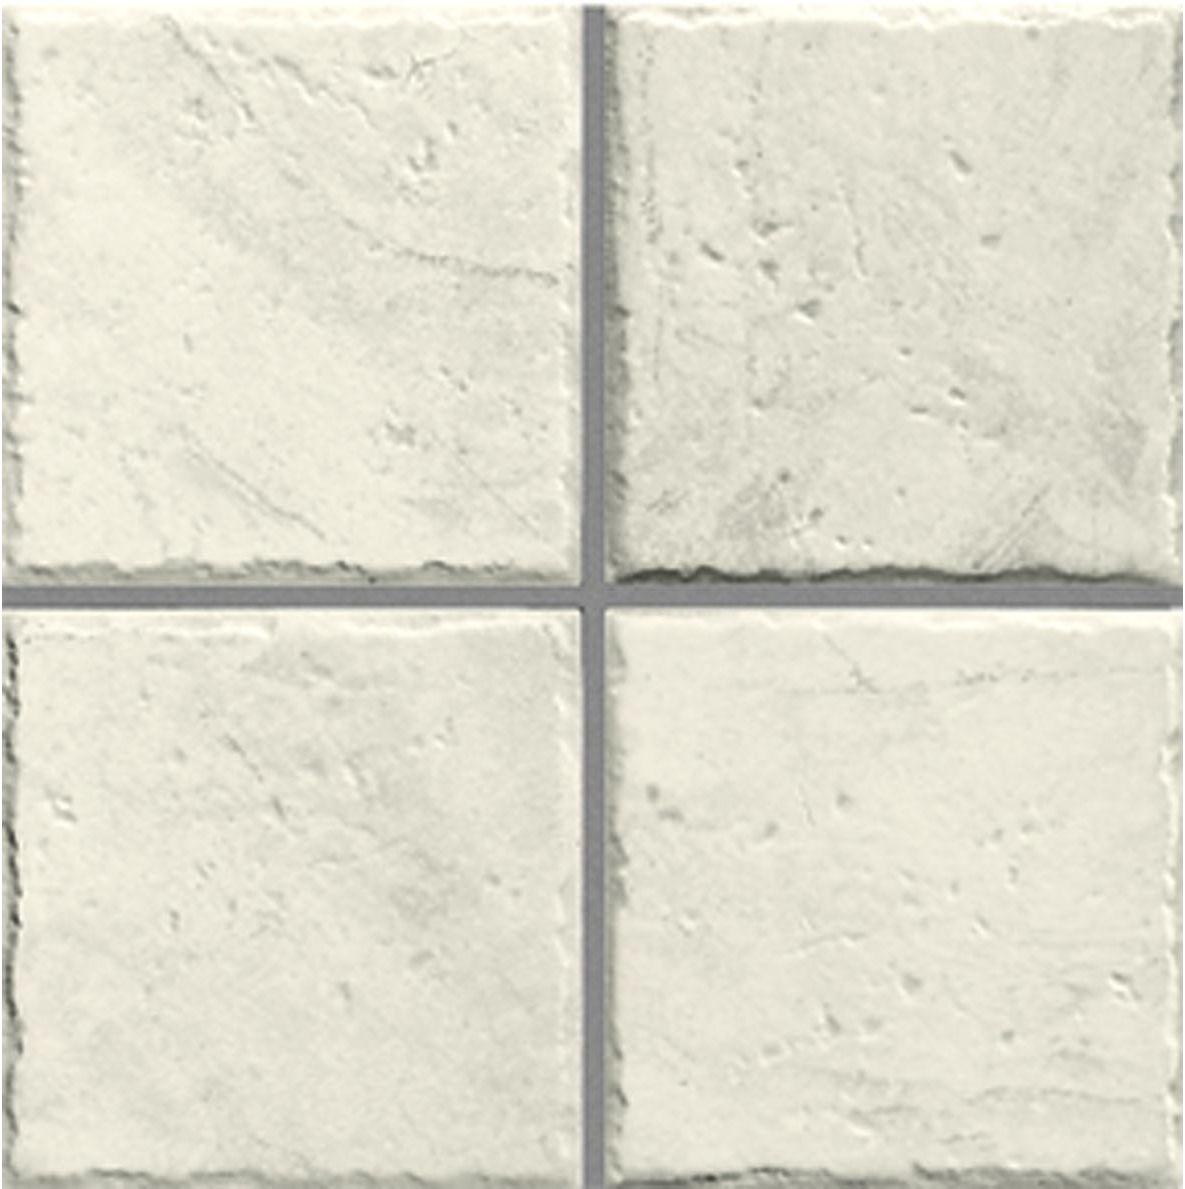 Matt white glazed ceramic wall tile, with slight textured ...